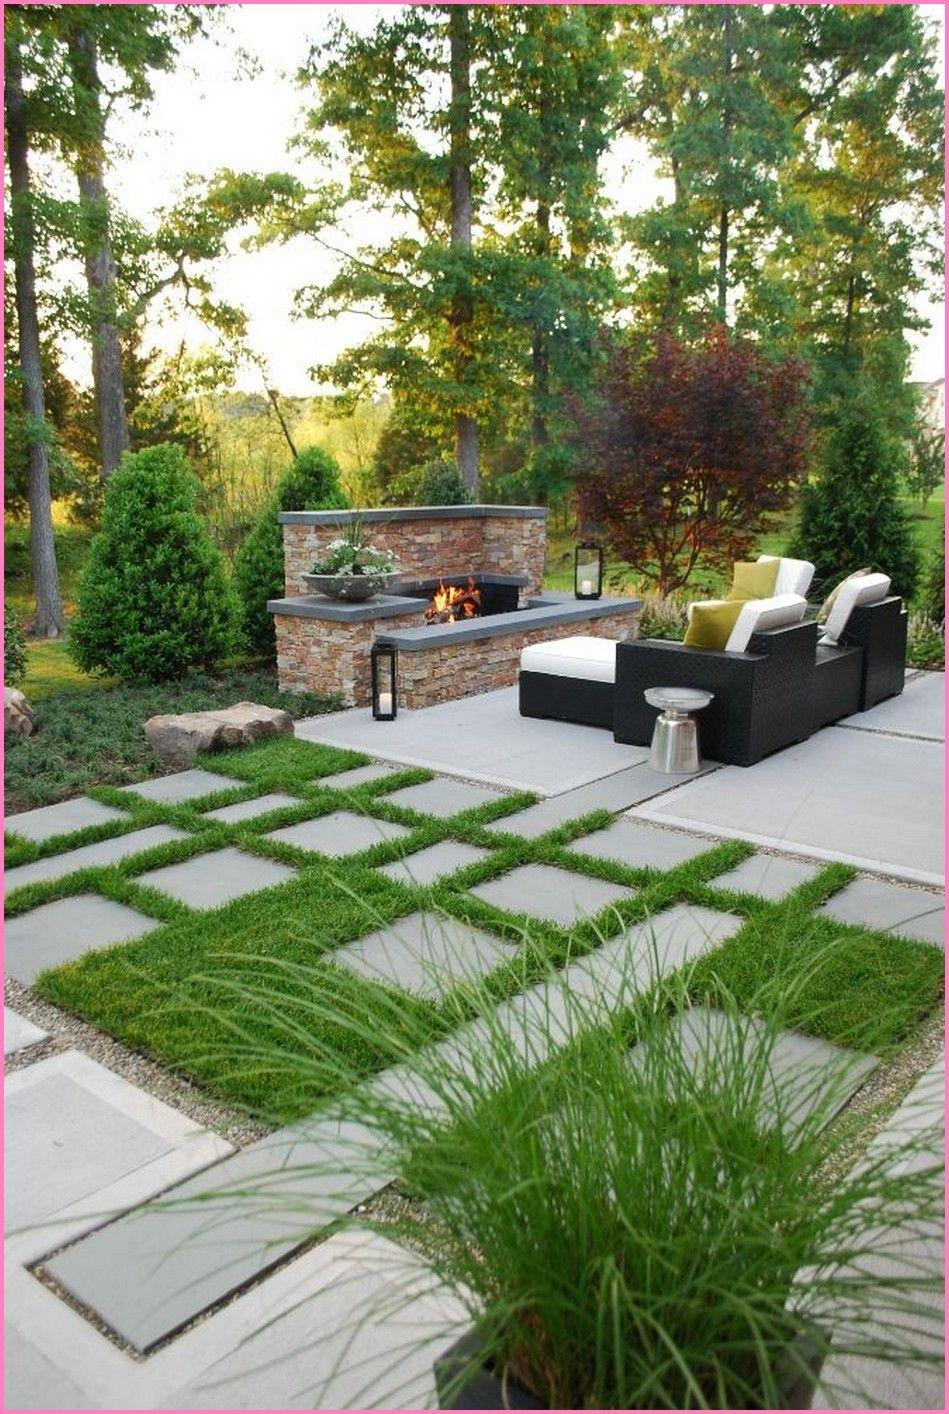 20 Very Creative Garden Stone Pathway Ideas Can You Try At Garden Page 10 In 2020 Patio Garden Design Outdoor Entertaining Area Backyard Entertaining